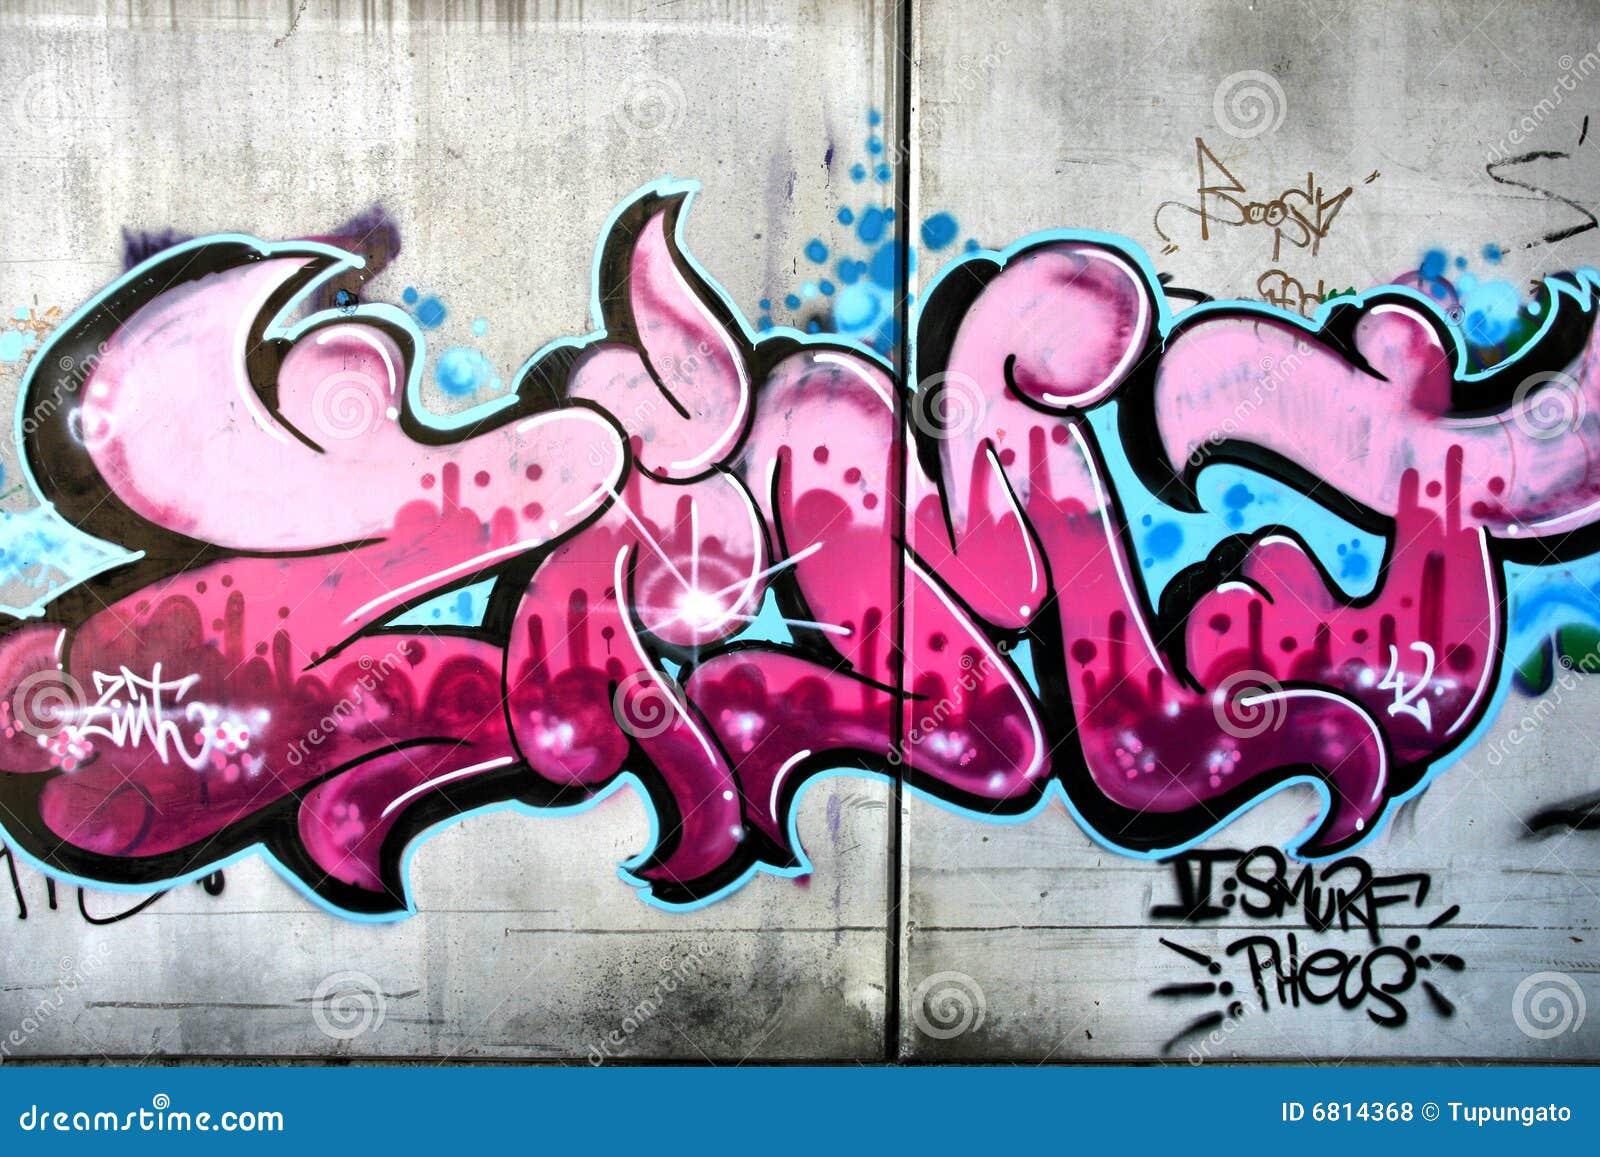 rosafarbene graffiti stockfoto bild von k nstlerisch. Black Bedroom Furniture Sets. Home Design Ideas